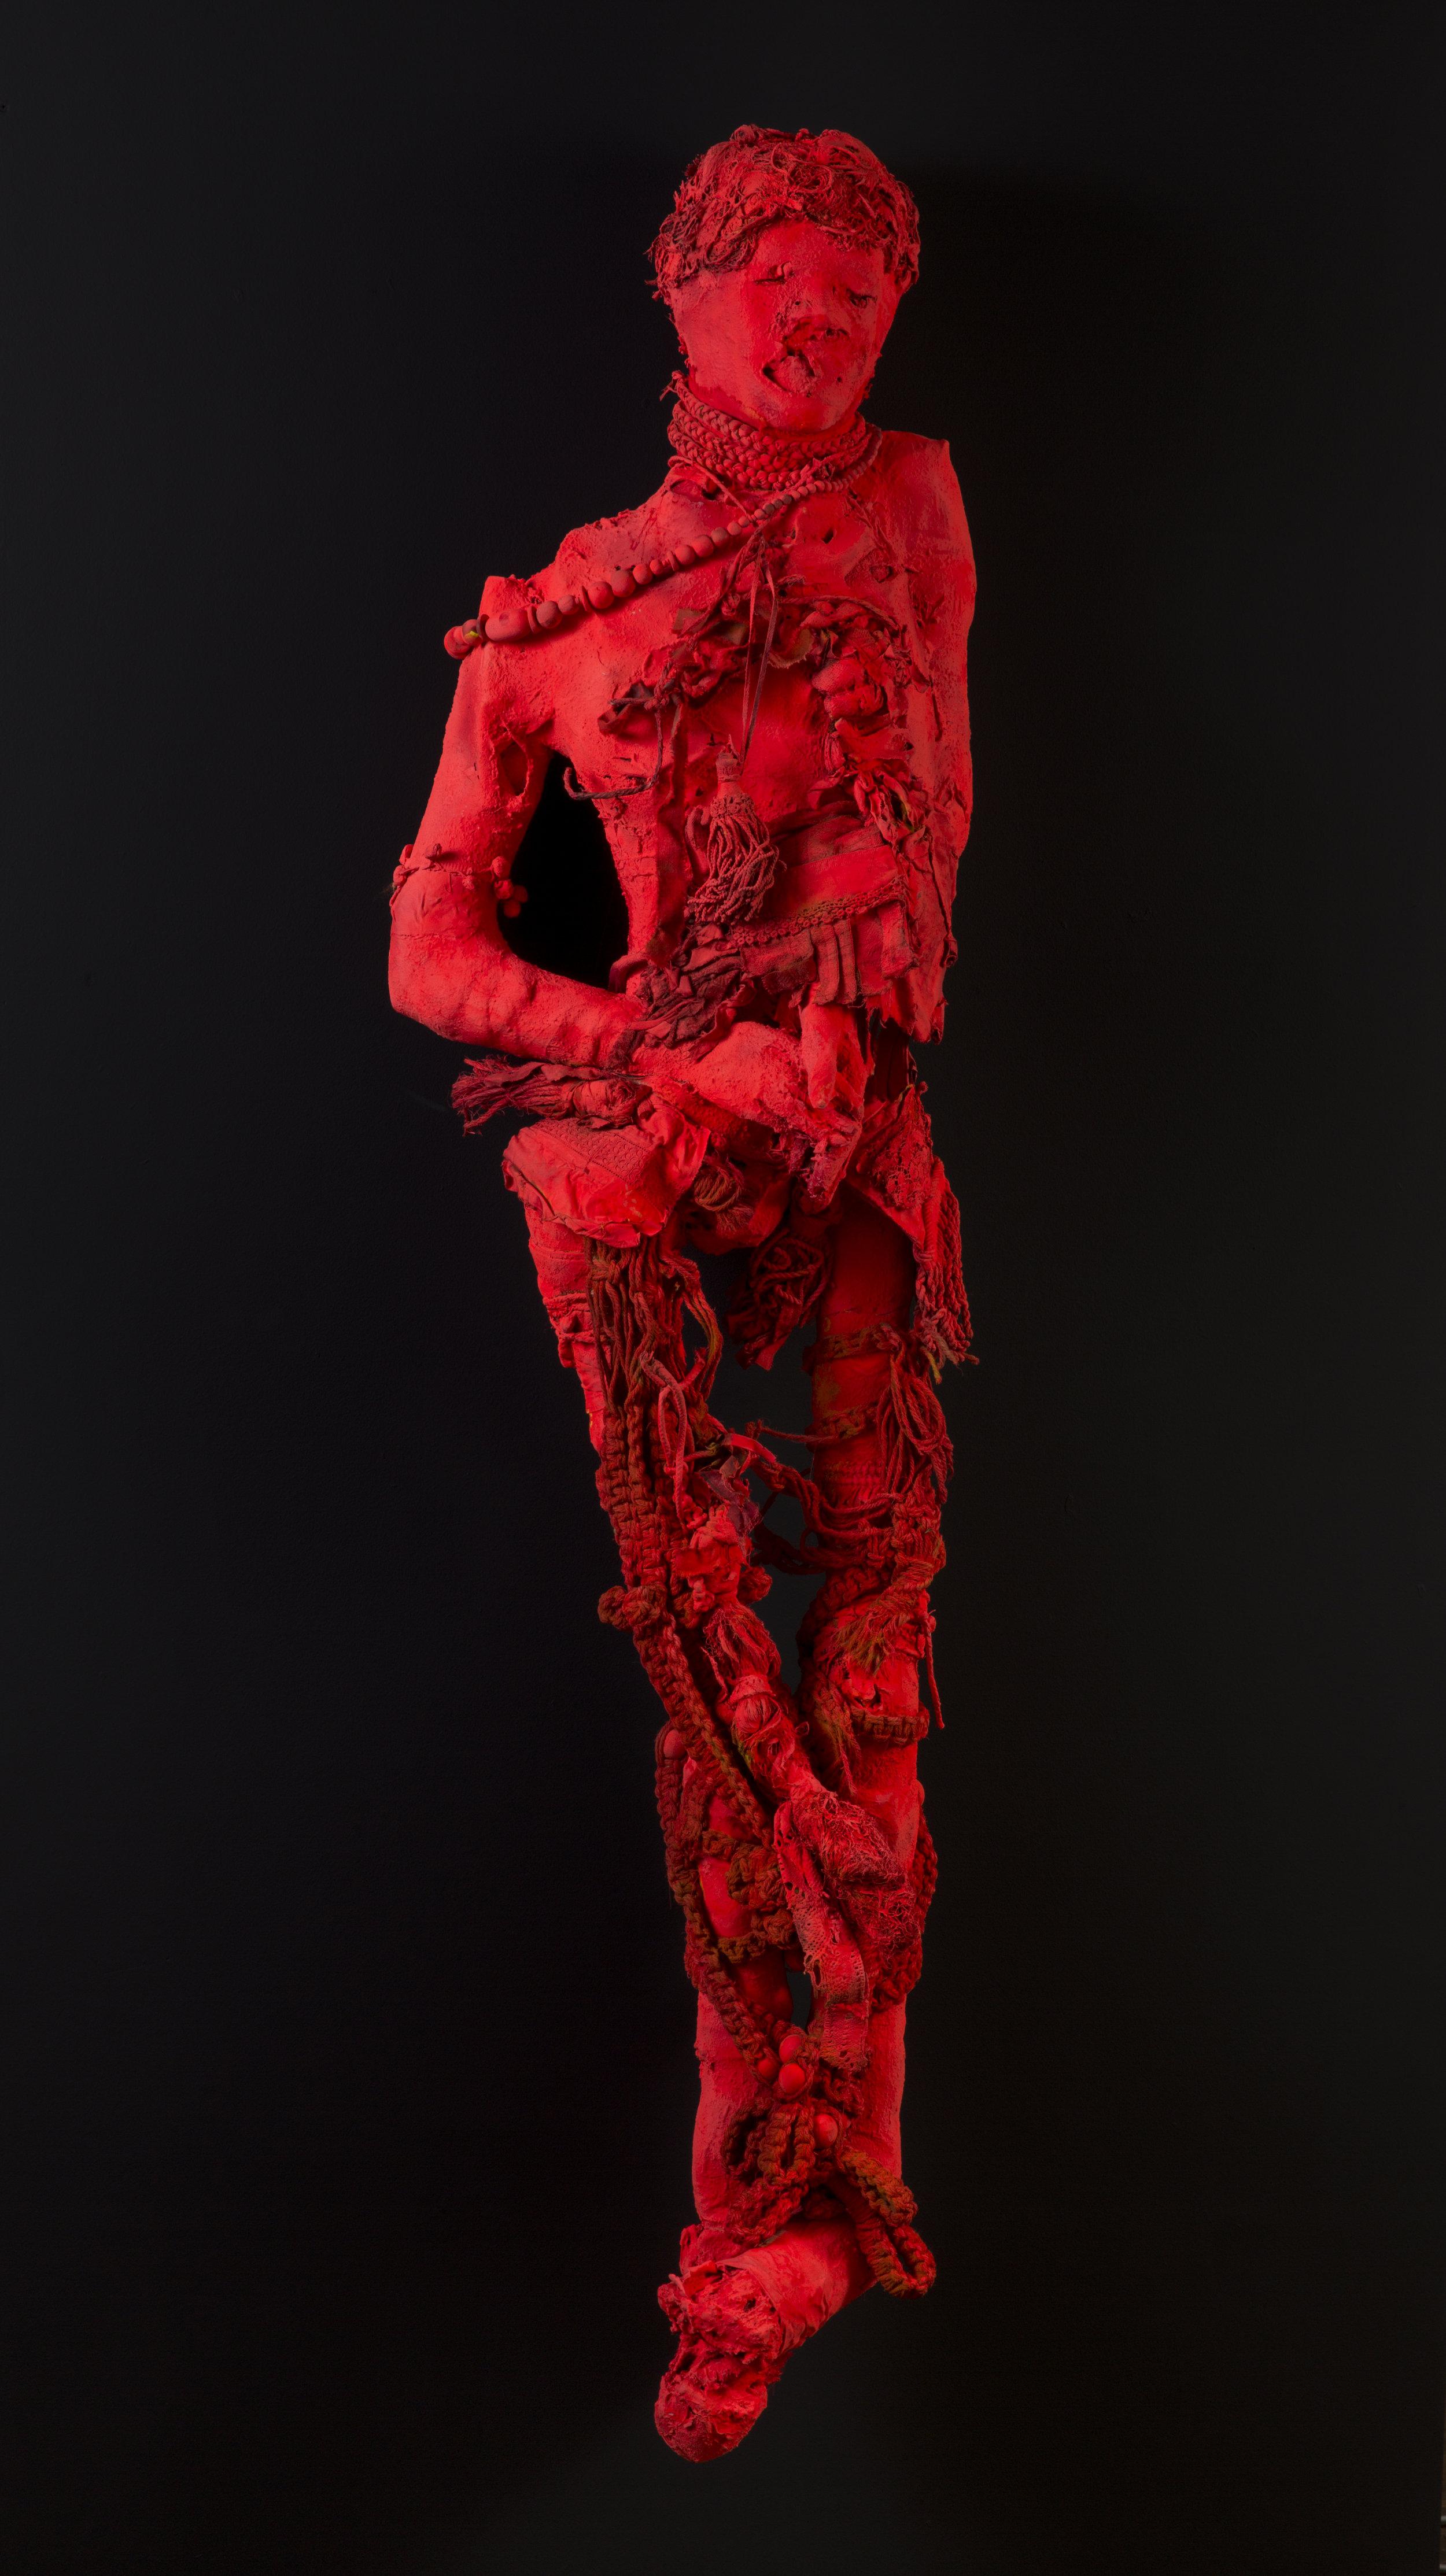 """© Benoit Huot, """"PHOSPHORESCENCE"""" in LA NUIT DU PAON, techniques mixtes, 2019, Courtesy Galerie C"""